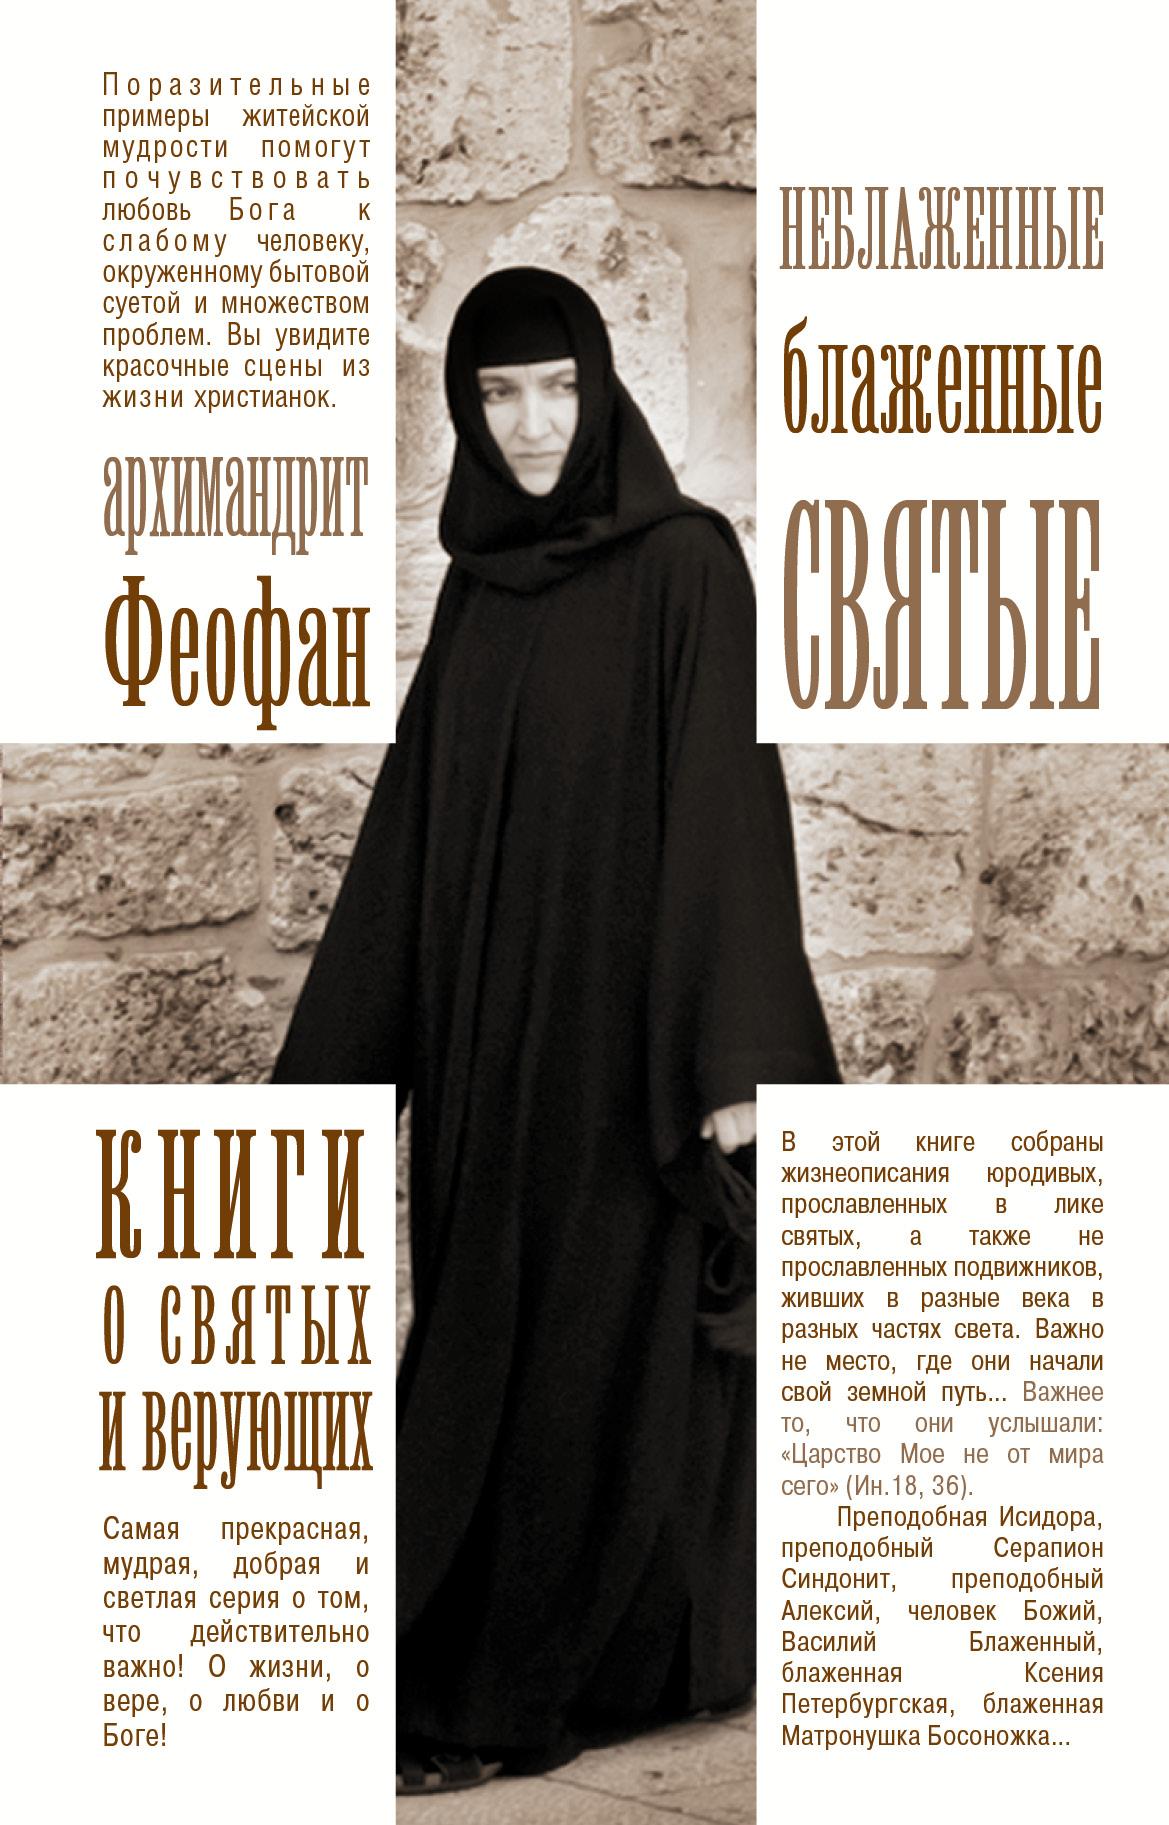 Феофан Архимандрит Неблаженные блаженные святые